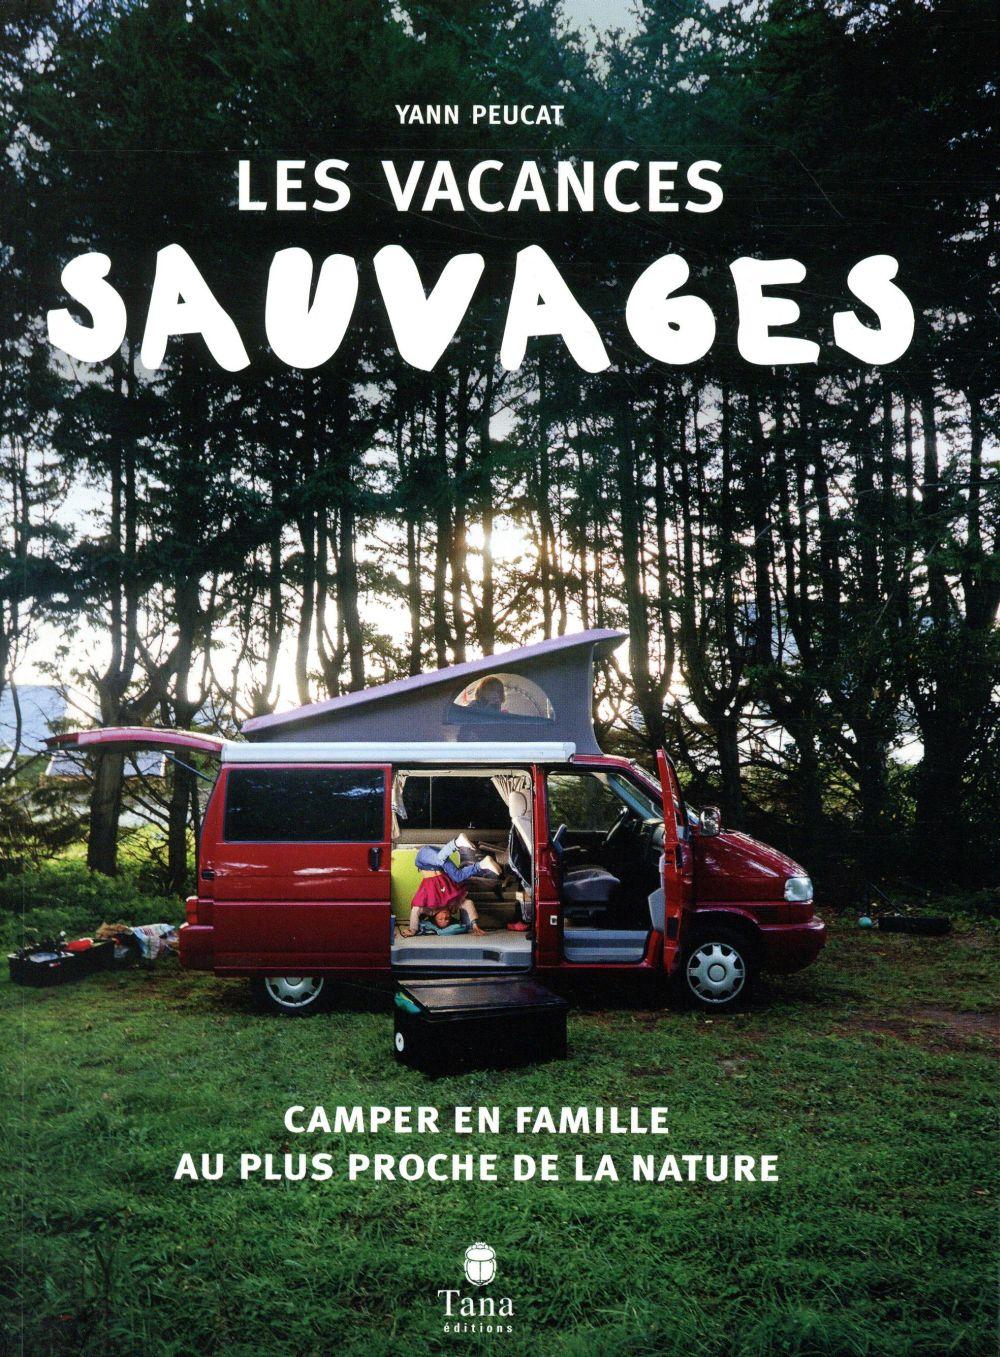 Les vacances sauvages ; camper en famille au plus proche de la nature